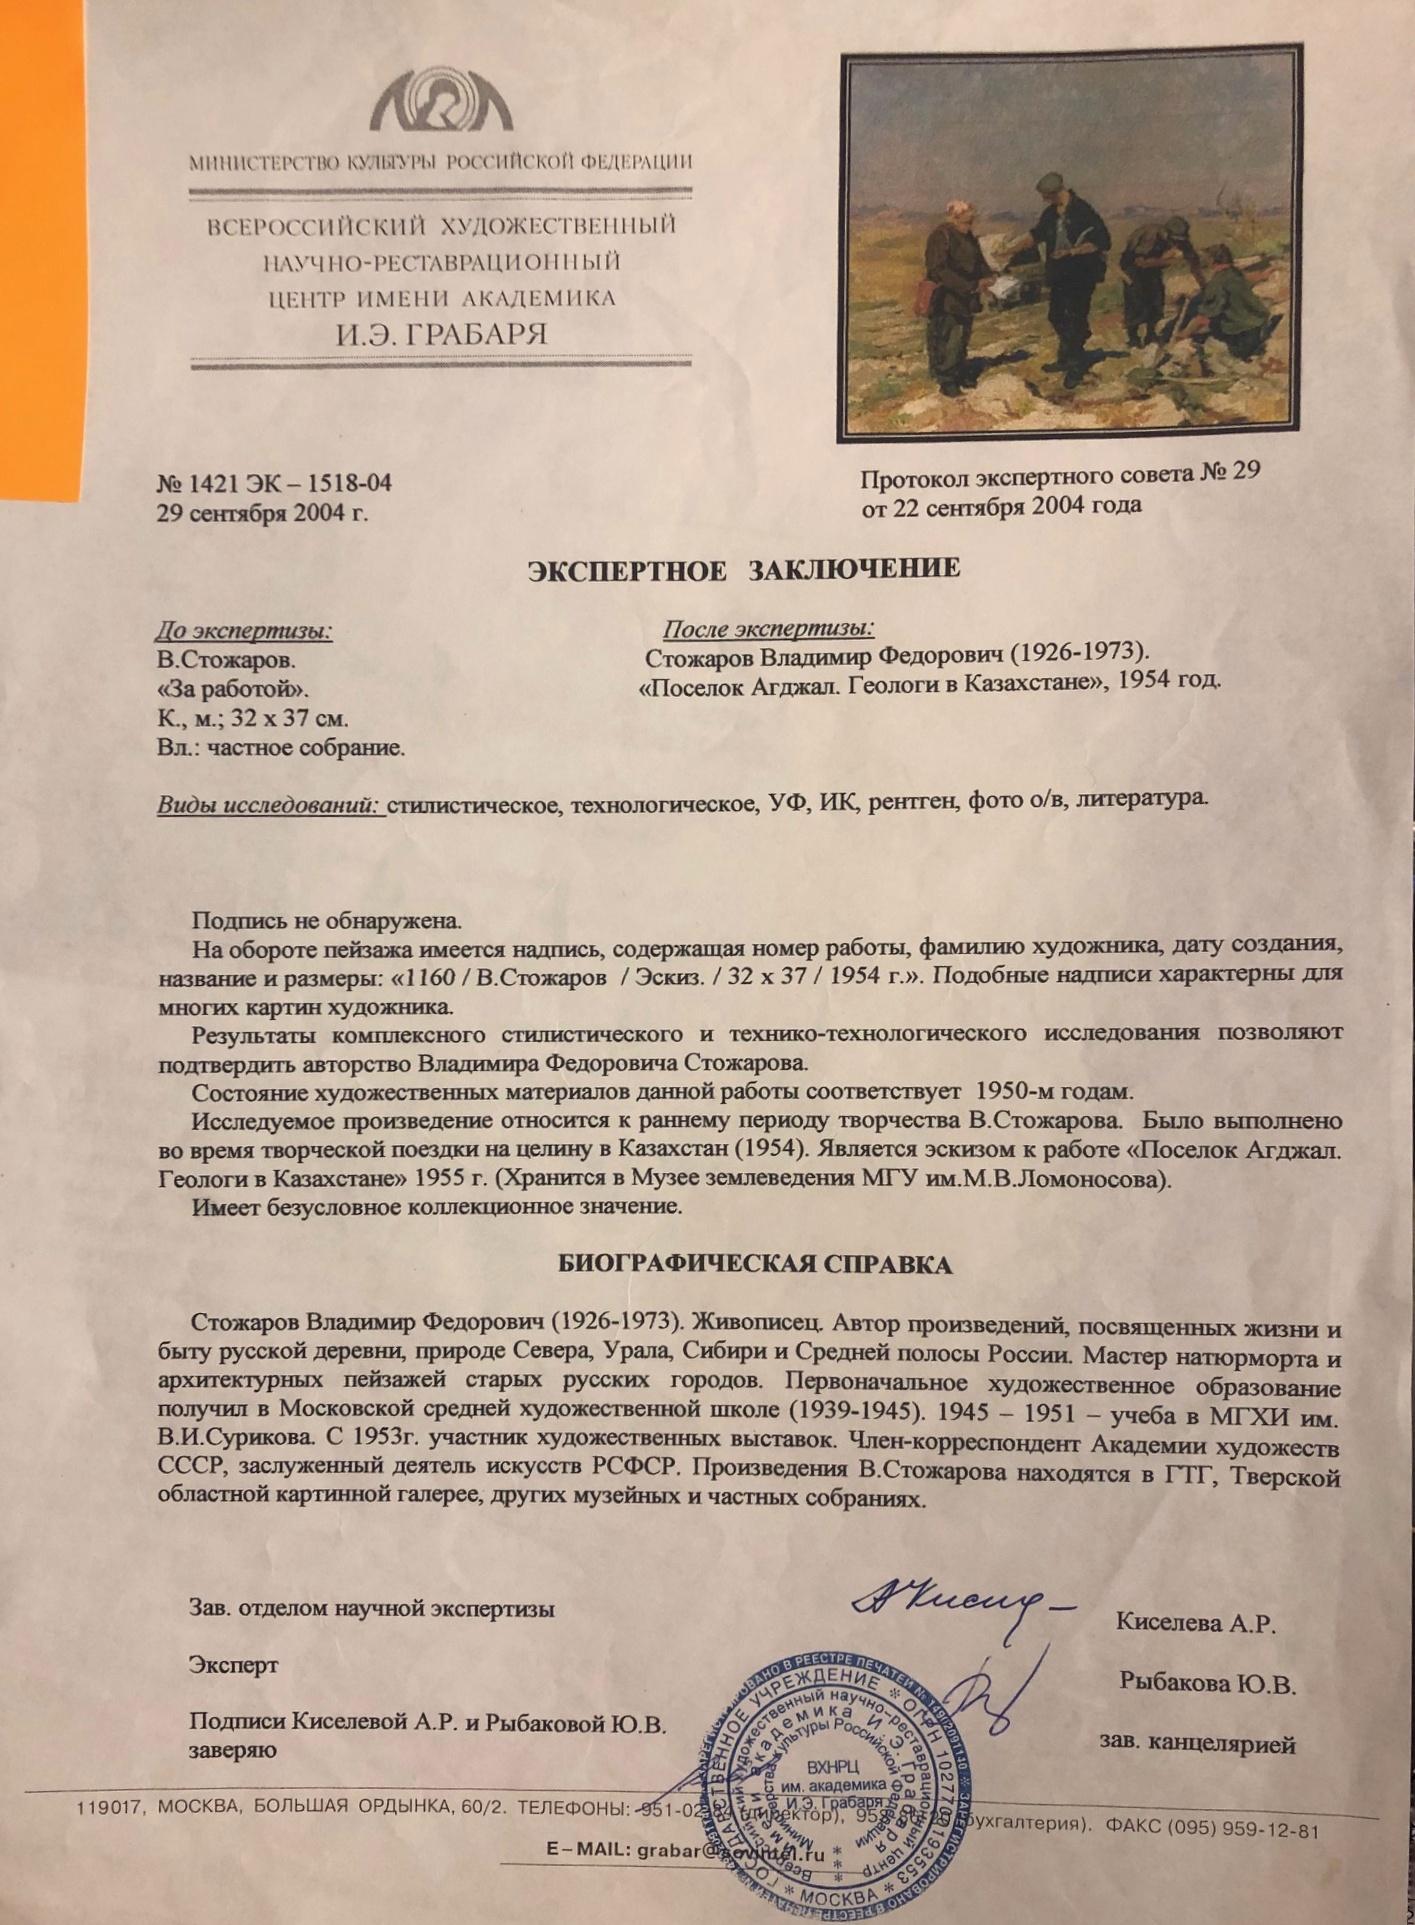 Эксперт. Стожаров Владимир Федорович. За работой